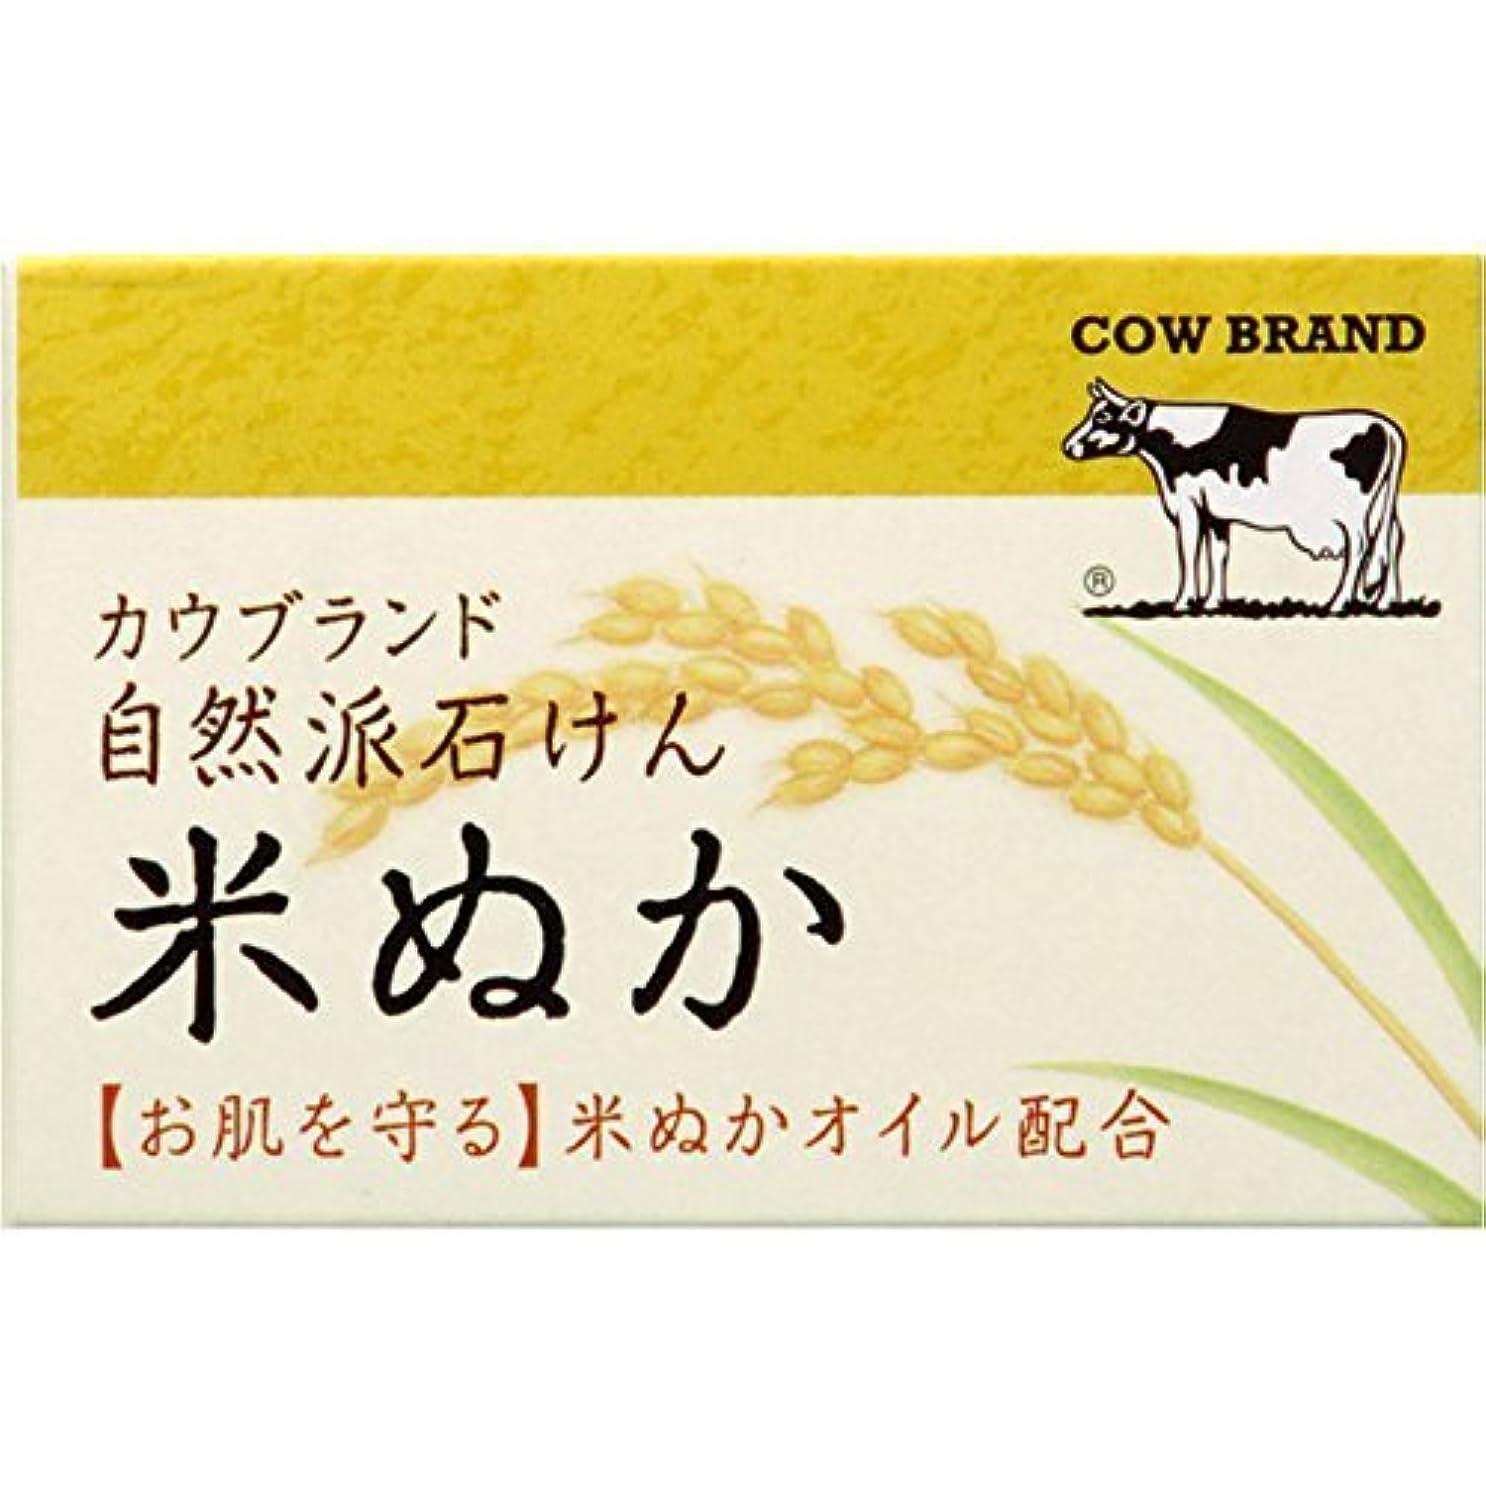 検索エンジン最適化駐地実証するカウブランド 自然派石けん 米ぬか 100g